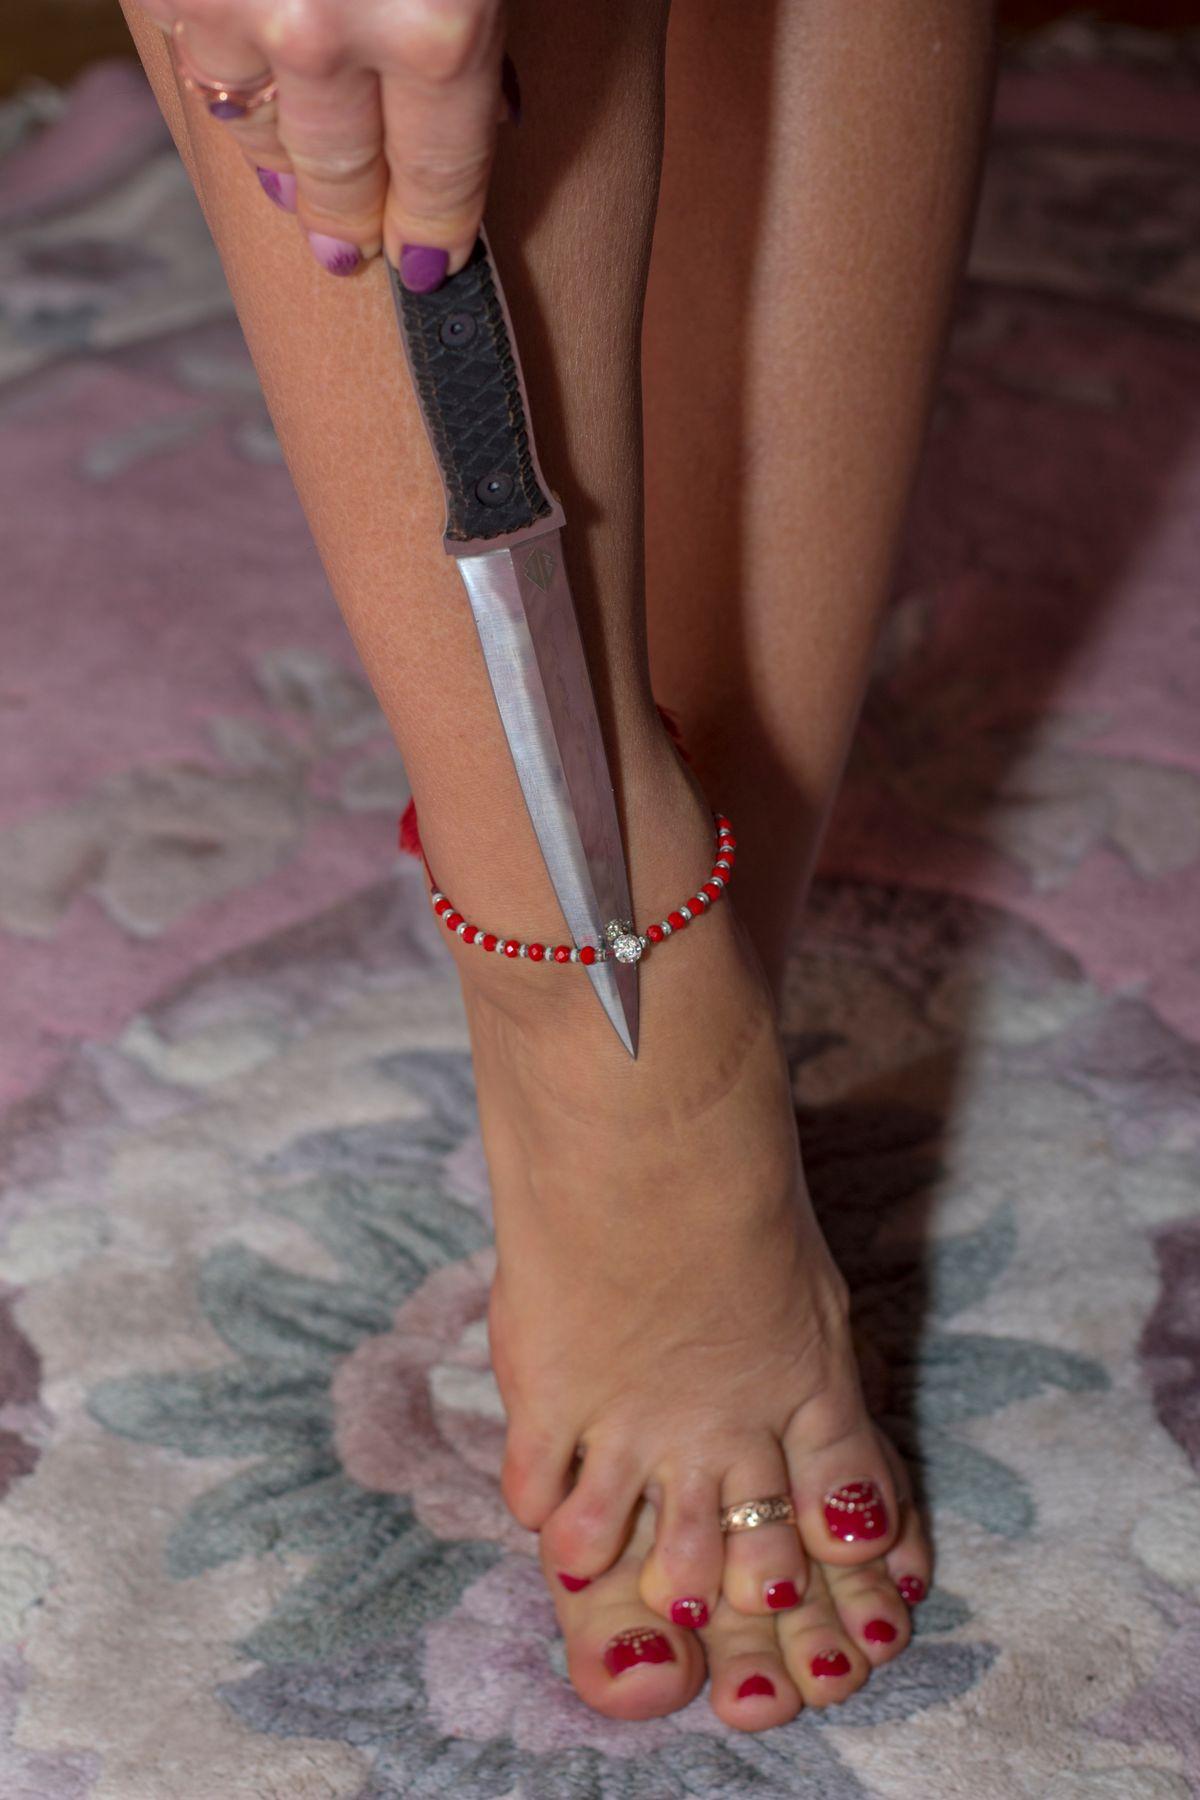 танец с ножом нож ноги маникюр модель танец